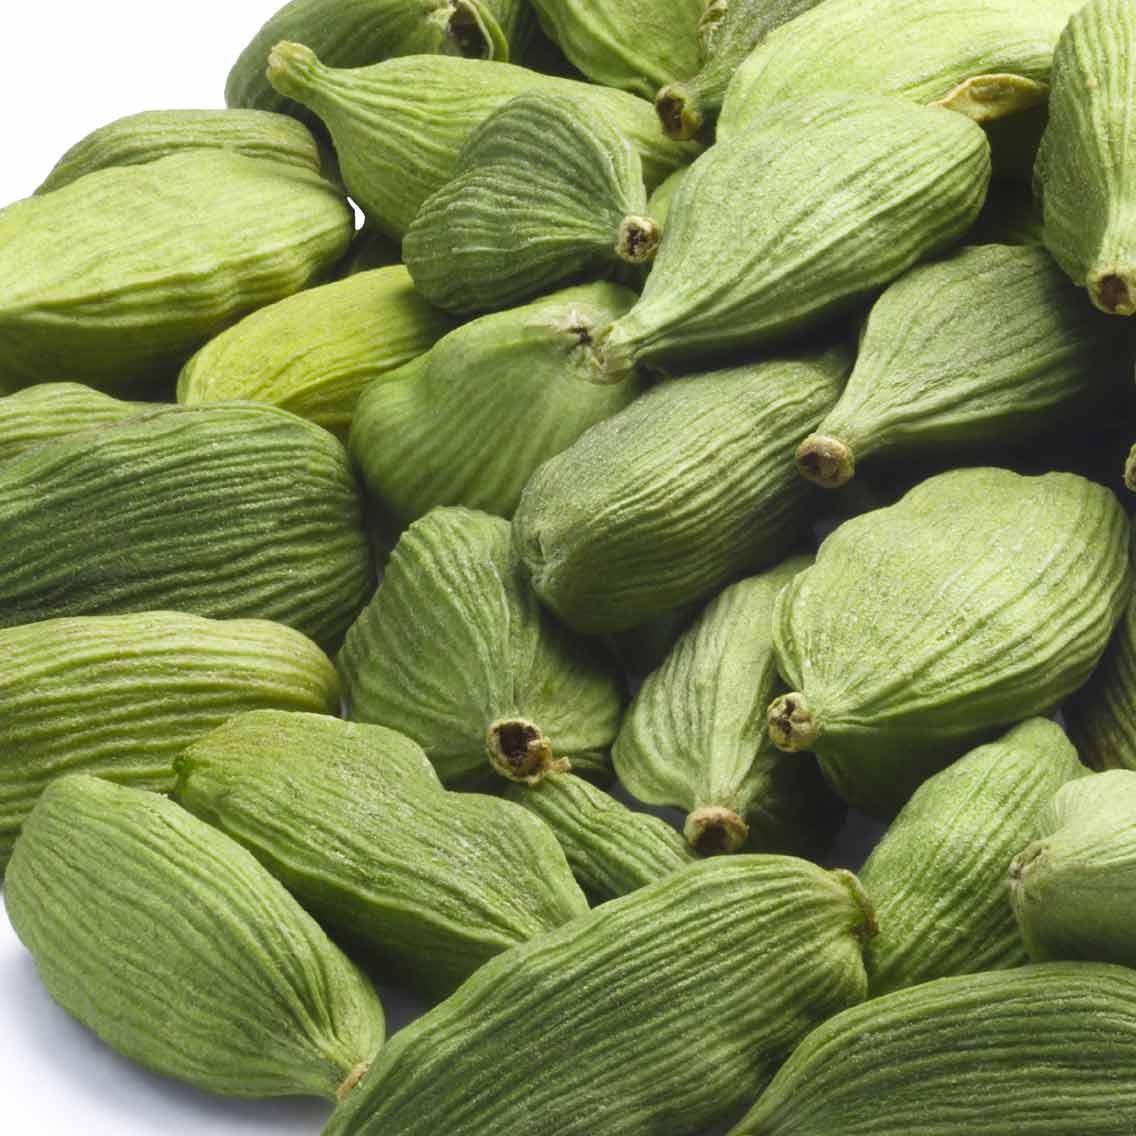 Cardamom in stock for sale